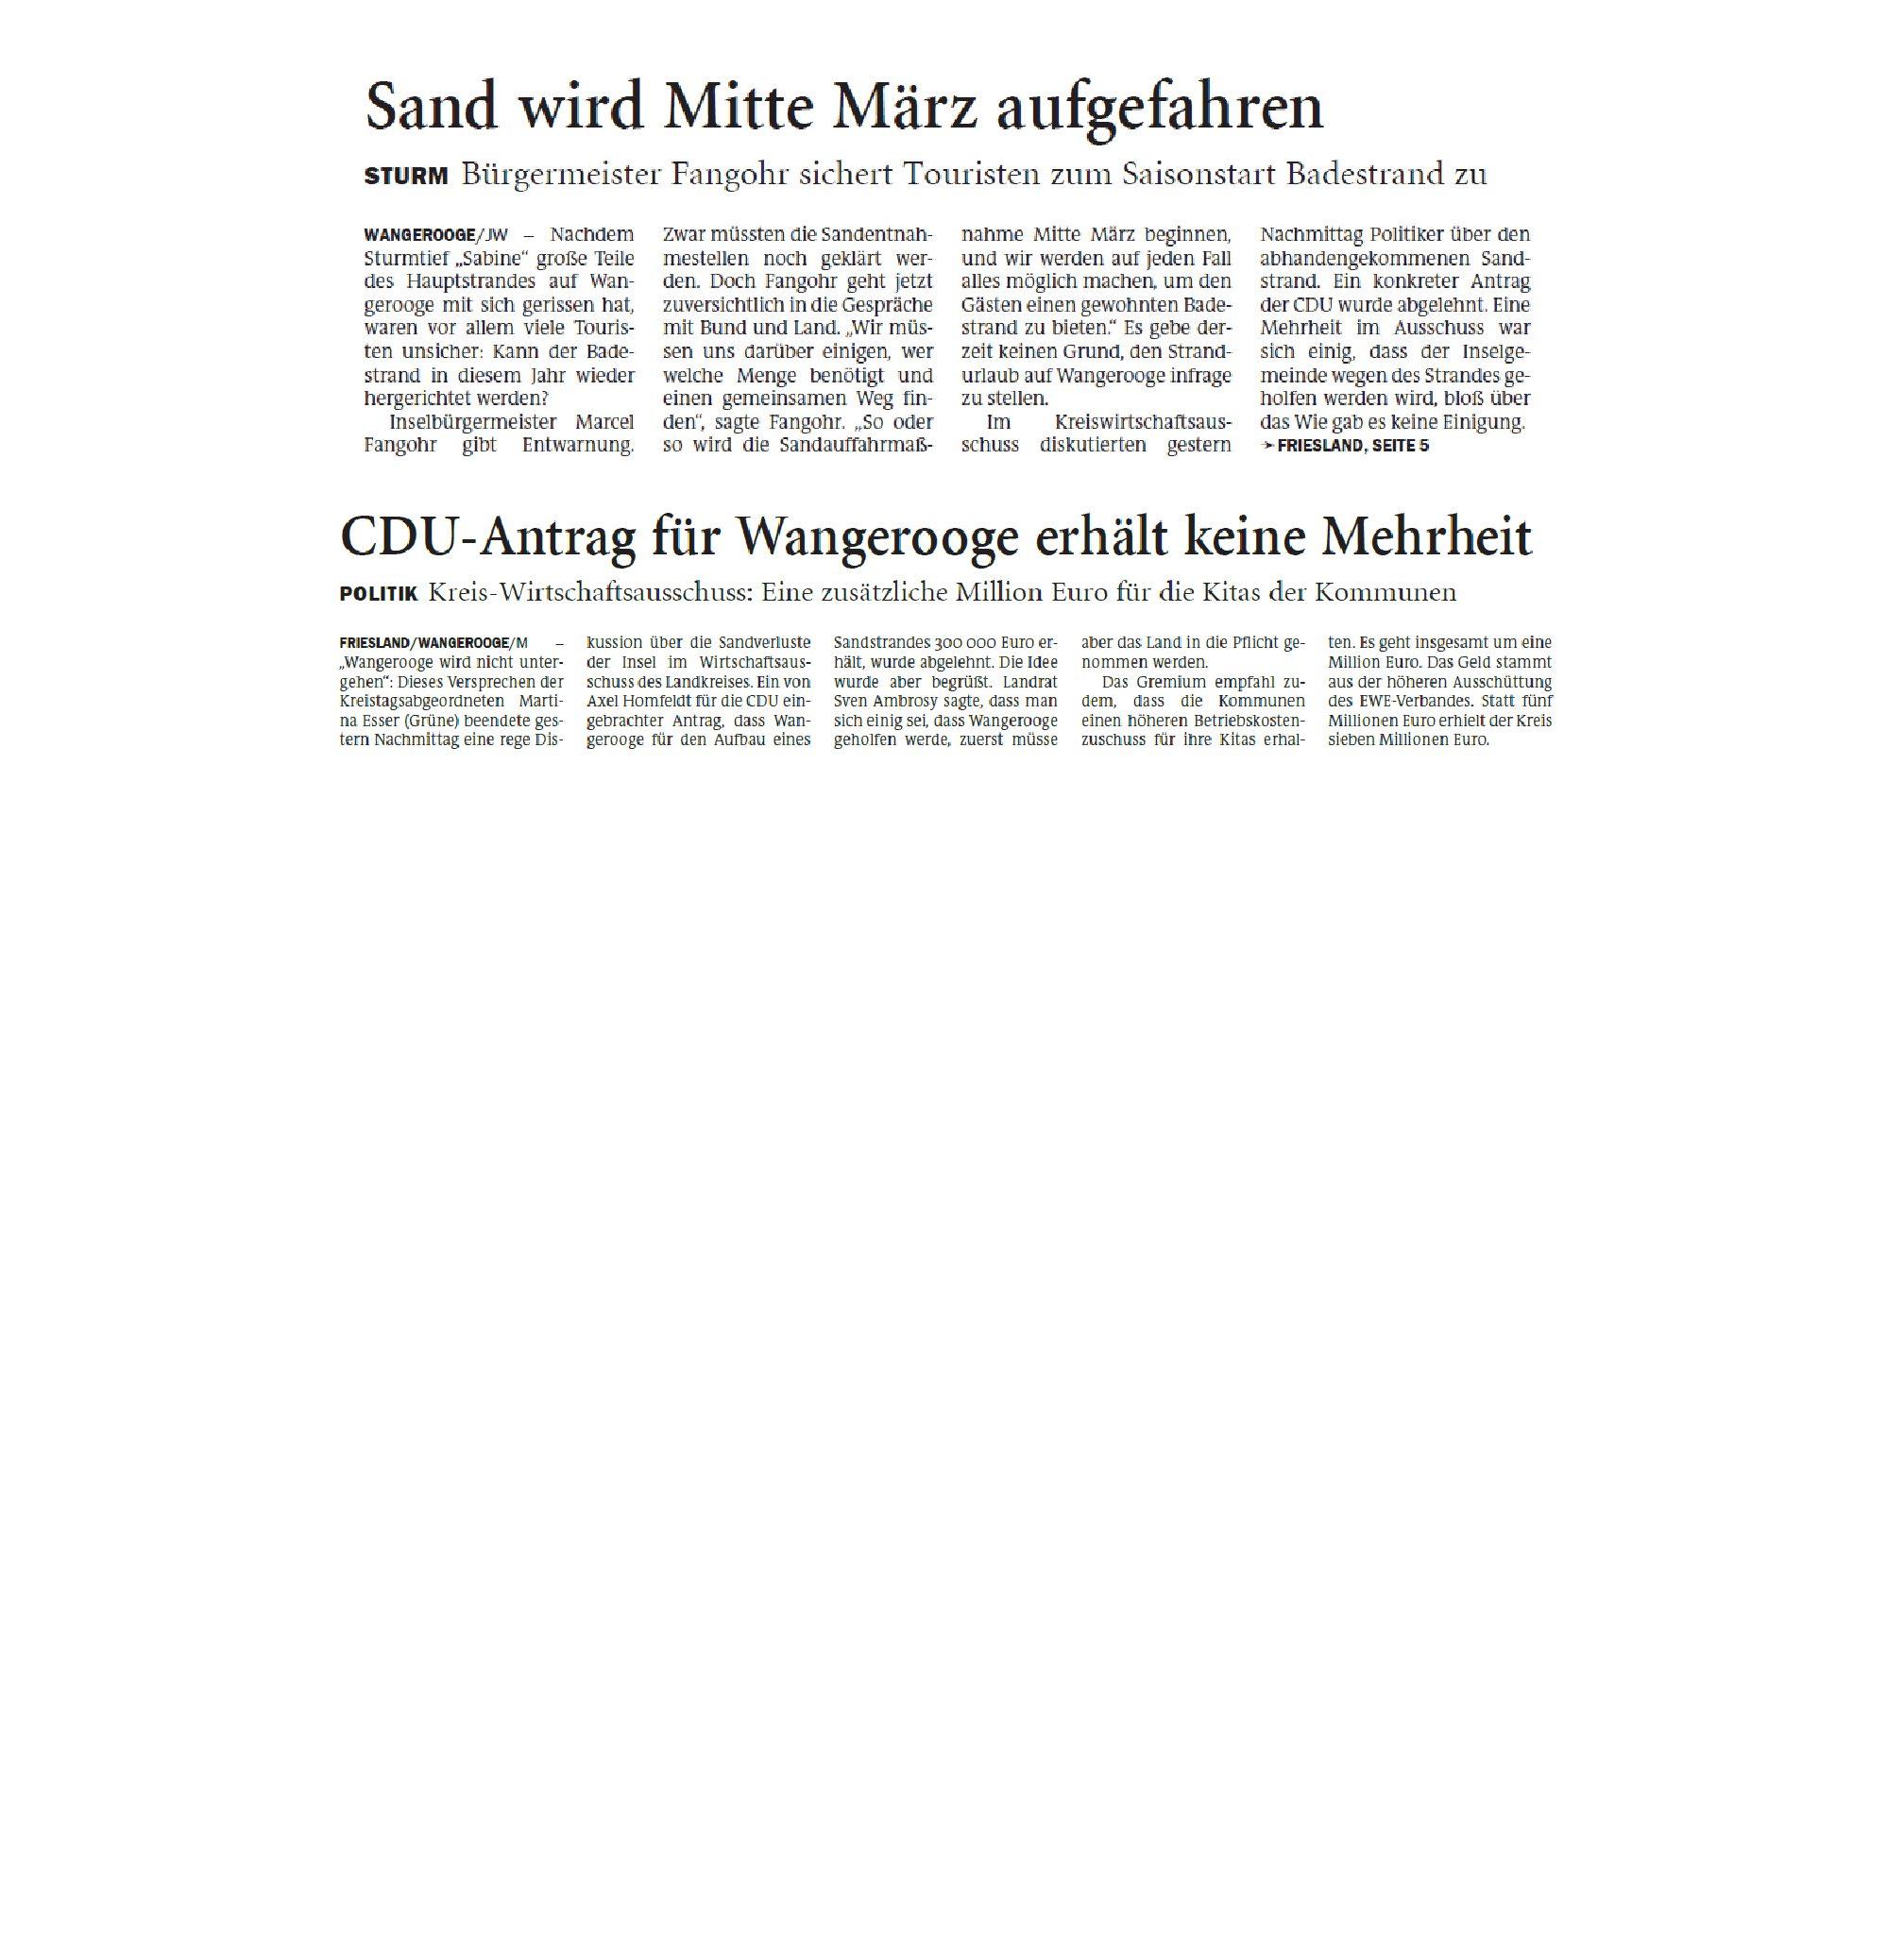 Jeversches Wochenblatt 18.02.2020